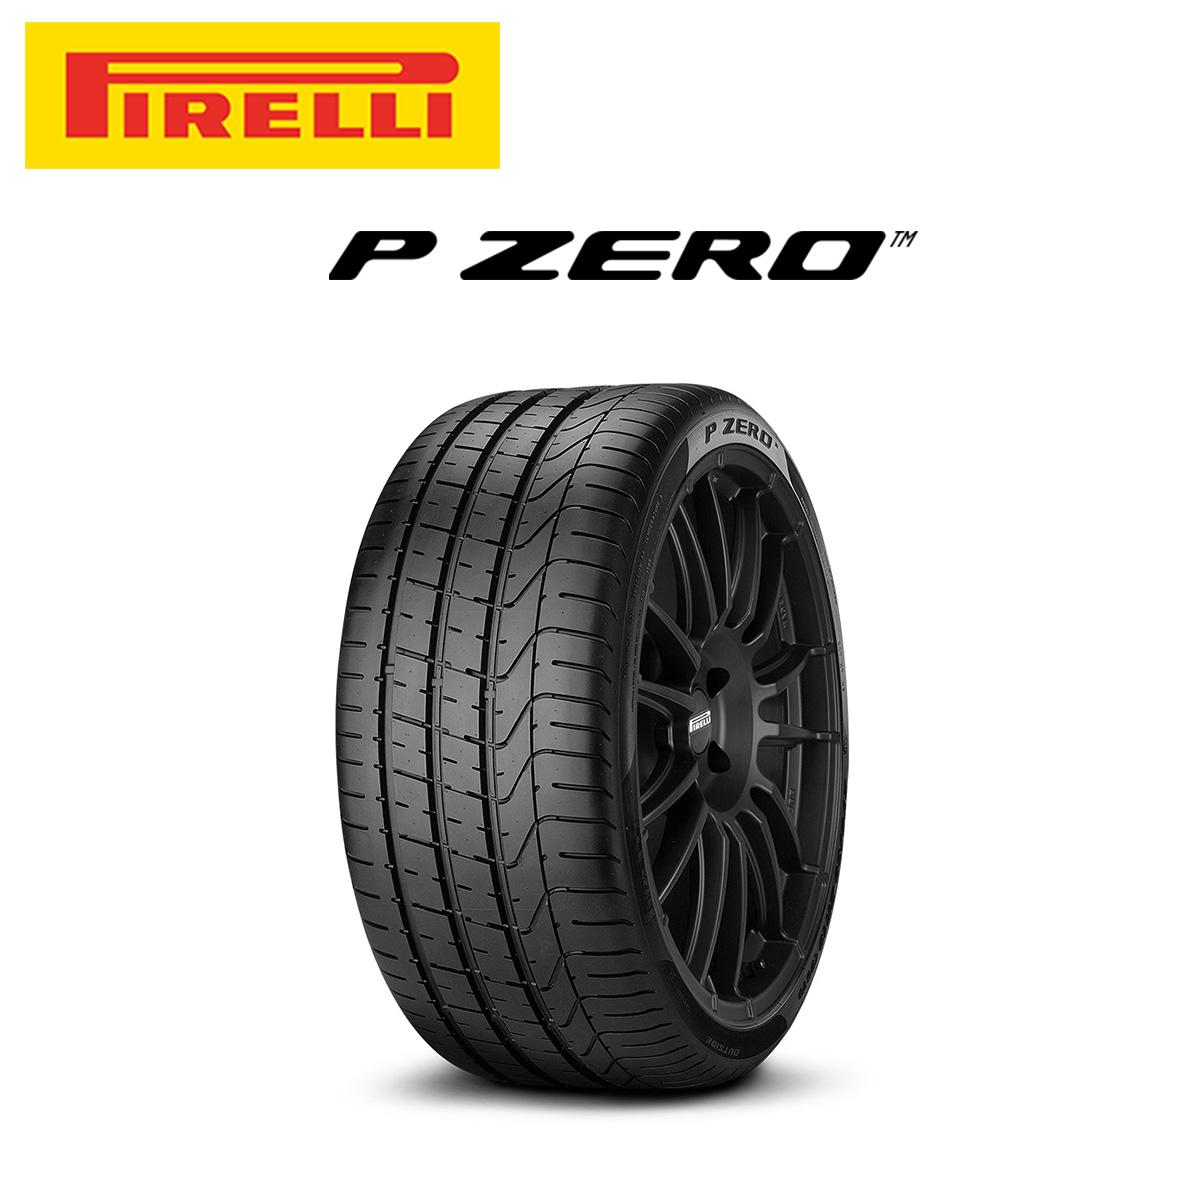 ピレリ PIRELLI P ZERO ピーゼロ 19インチ サマー タイヤ 4本 セット 285/40ZR19 107Y XL MO:メルセデスベンツ承認タイヤ 2306700